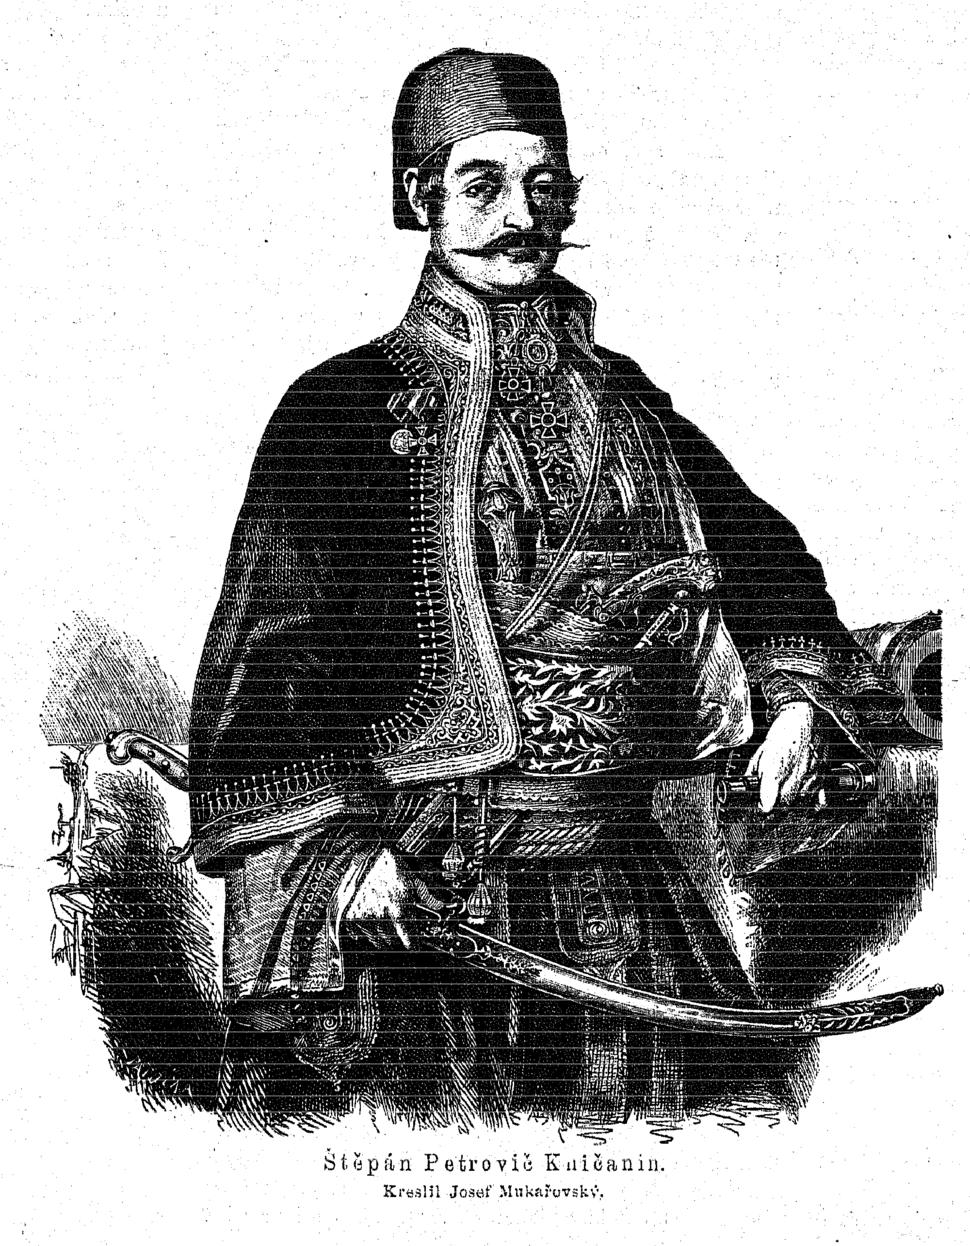 Stevan Petrovic Knicanin 1873 Mukarovsky